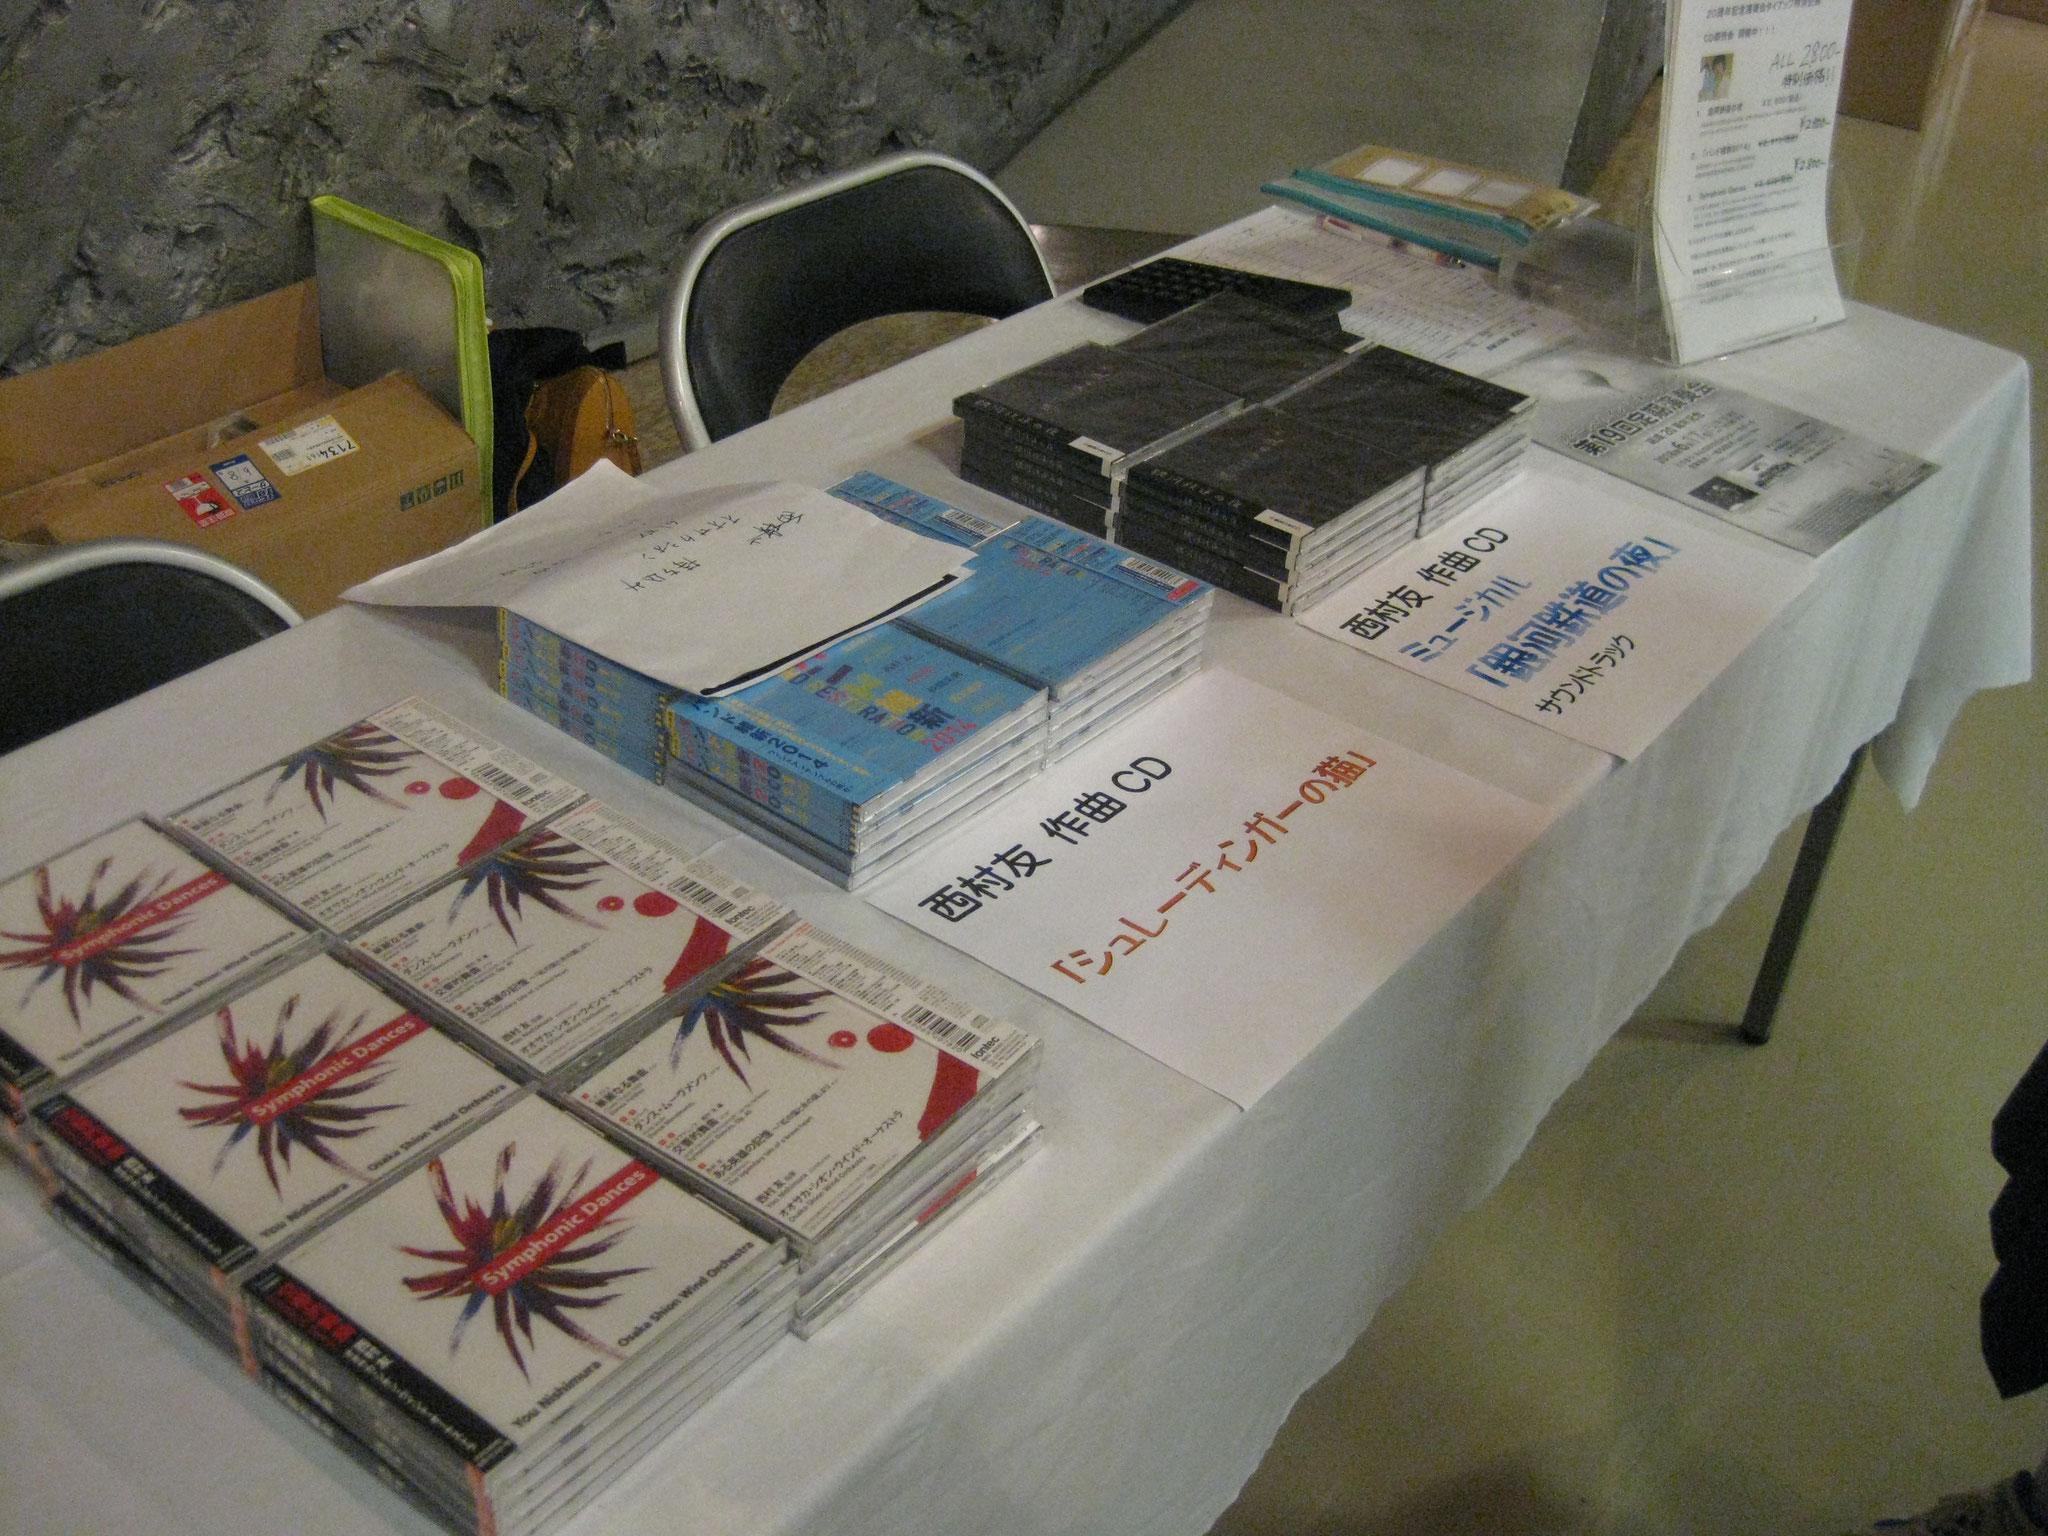 そして20周年タイアップ企画!西村友先生のオオサ・カシオン・デビューCD即売会の準備も完了。